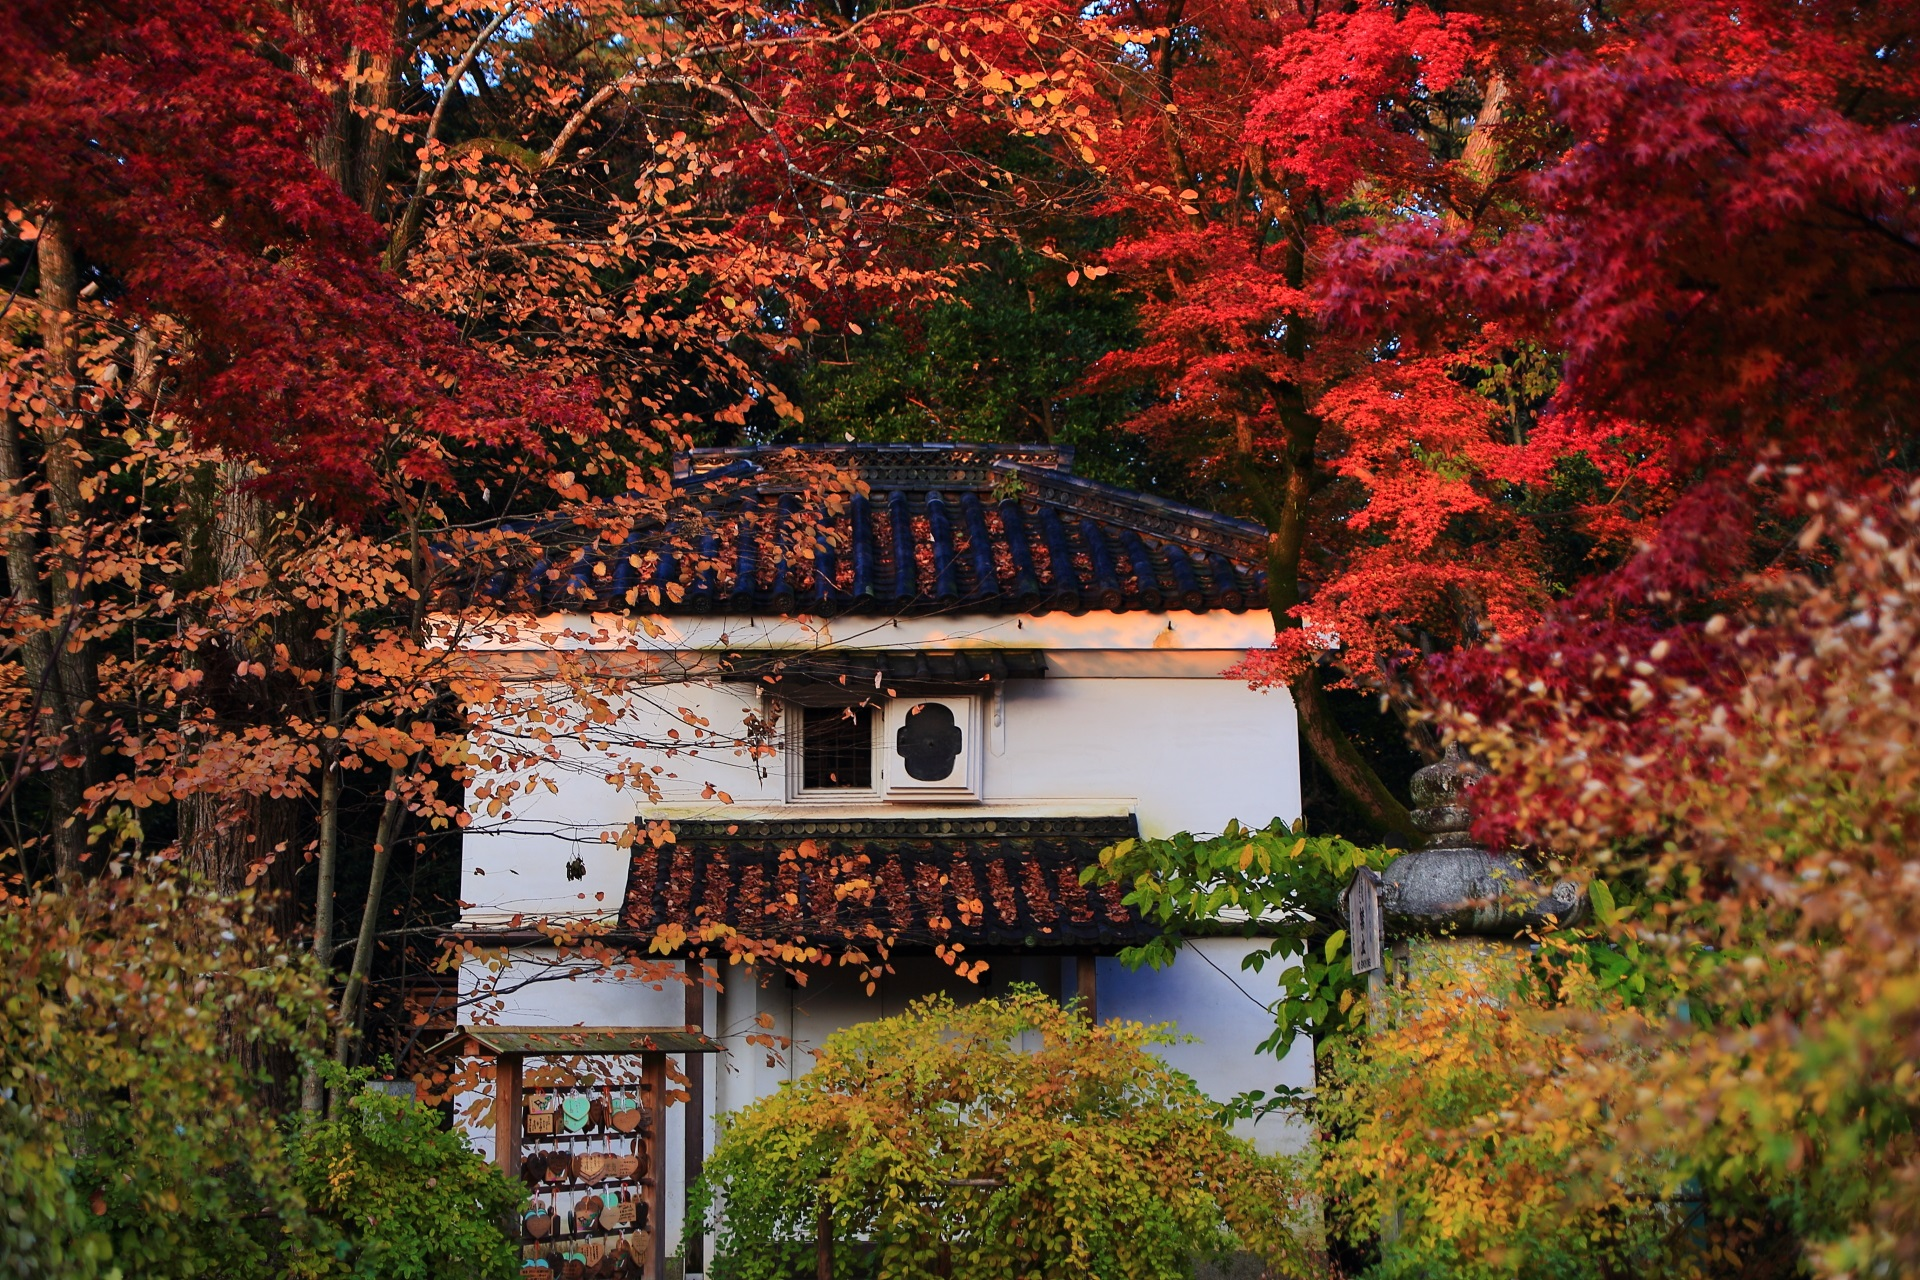 梨木神社の御神木の「愛の木」と呼ばれる桂の木の紅葉